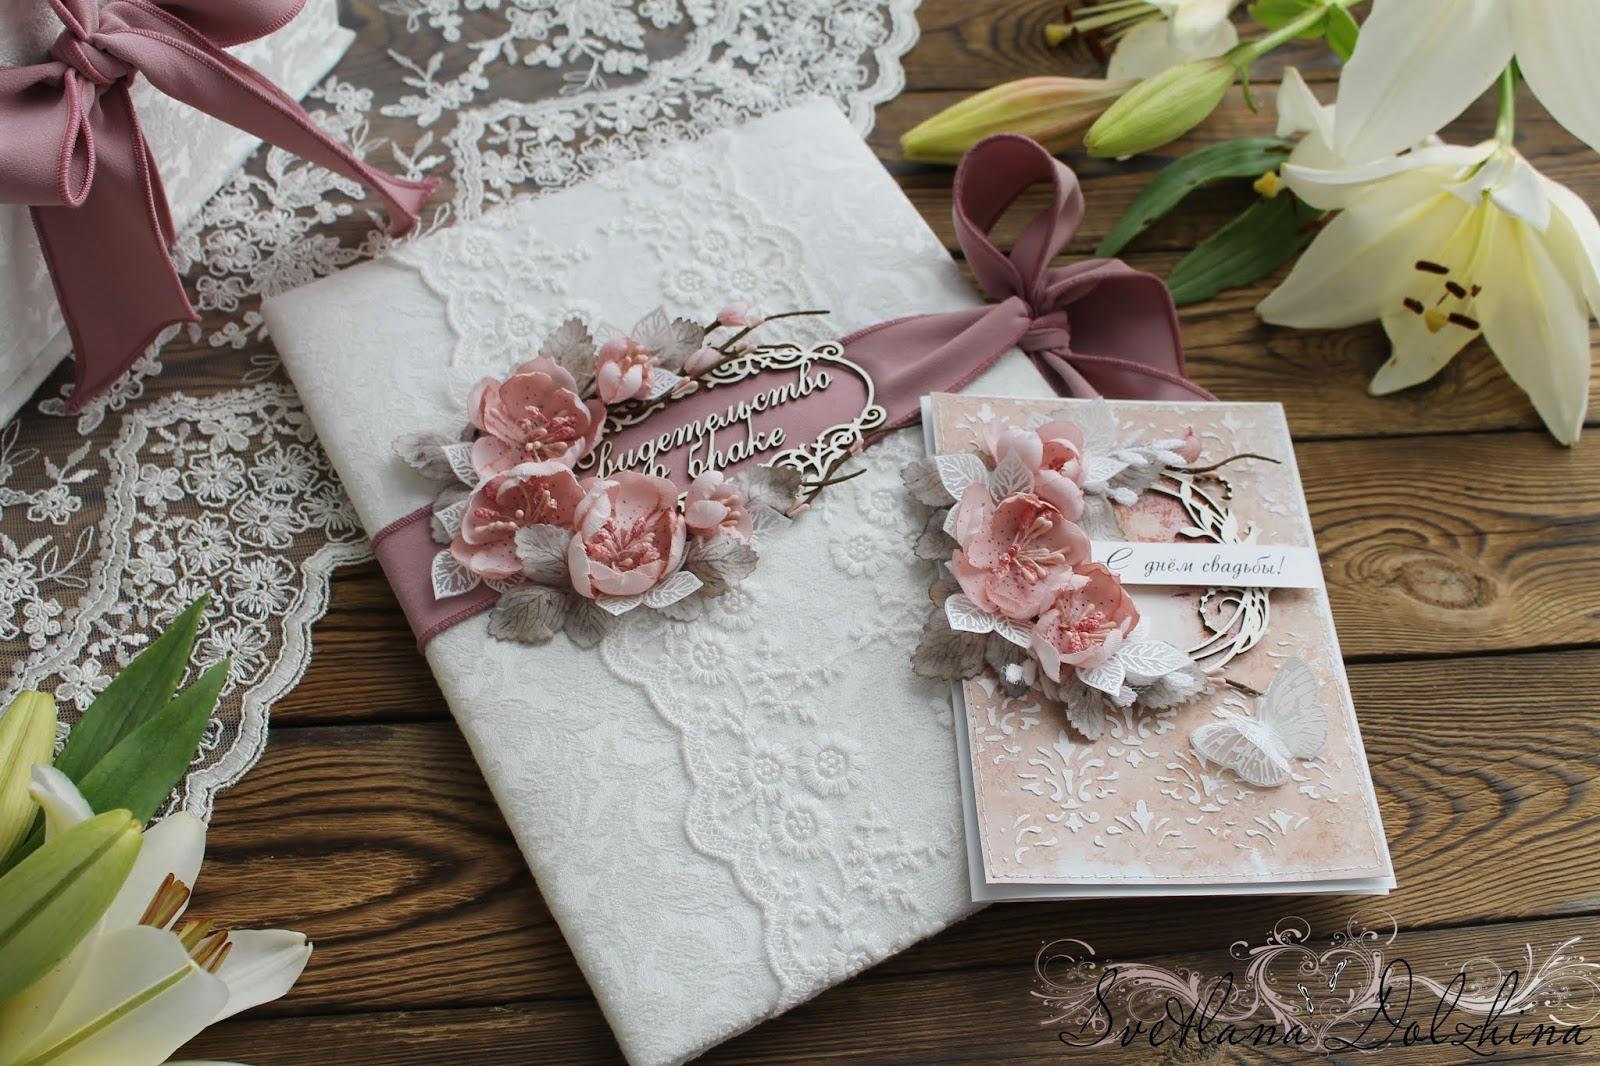 огороде открытки и папки на свадьбу фотографии попок